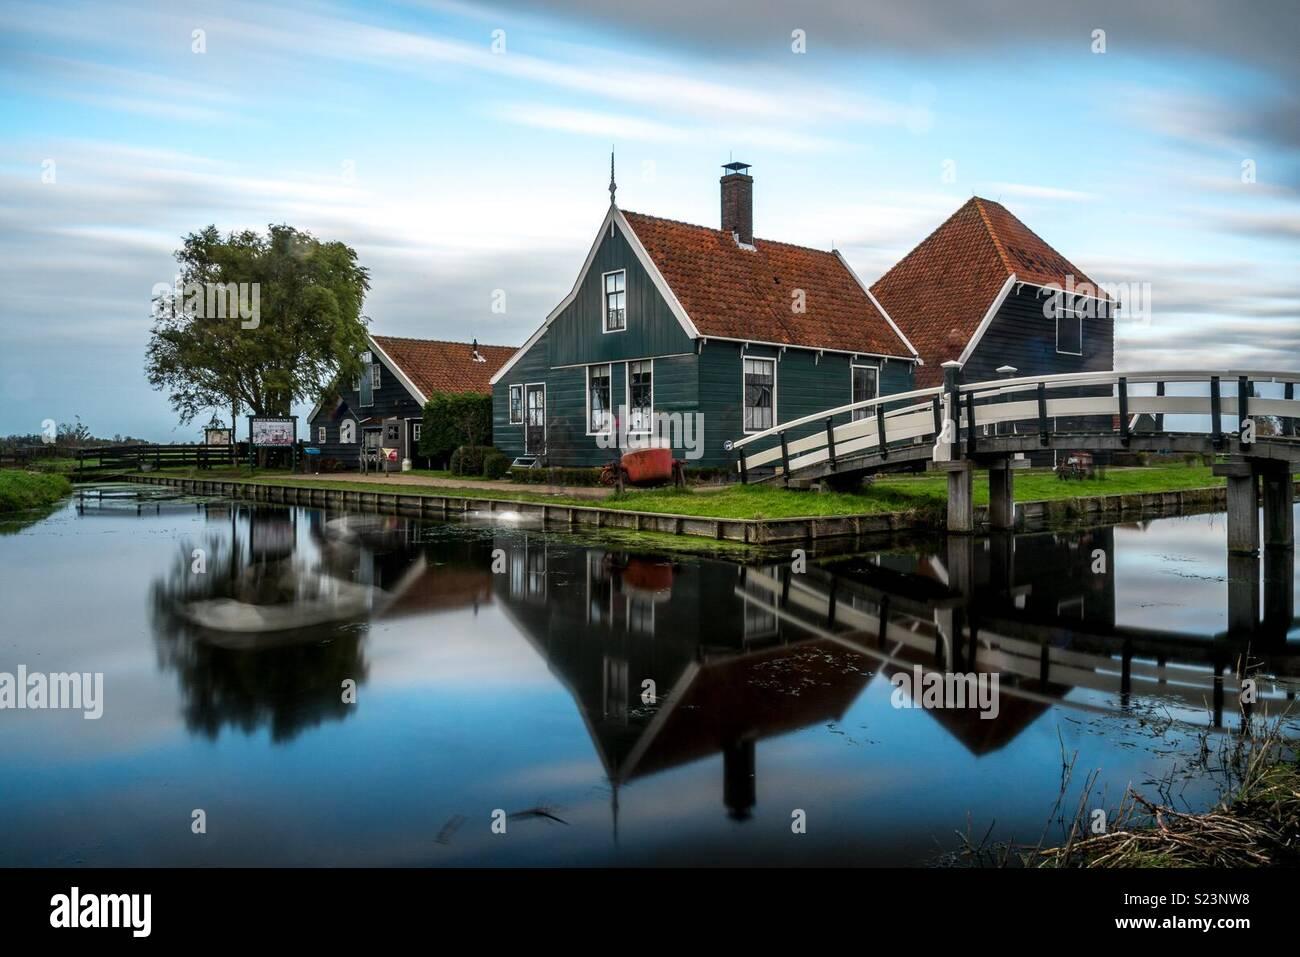 Negozio di formaggi, Zaanse Schans, Paesi Bassi Immagini Stock